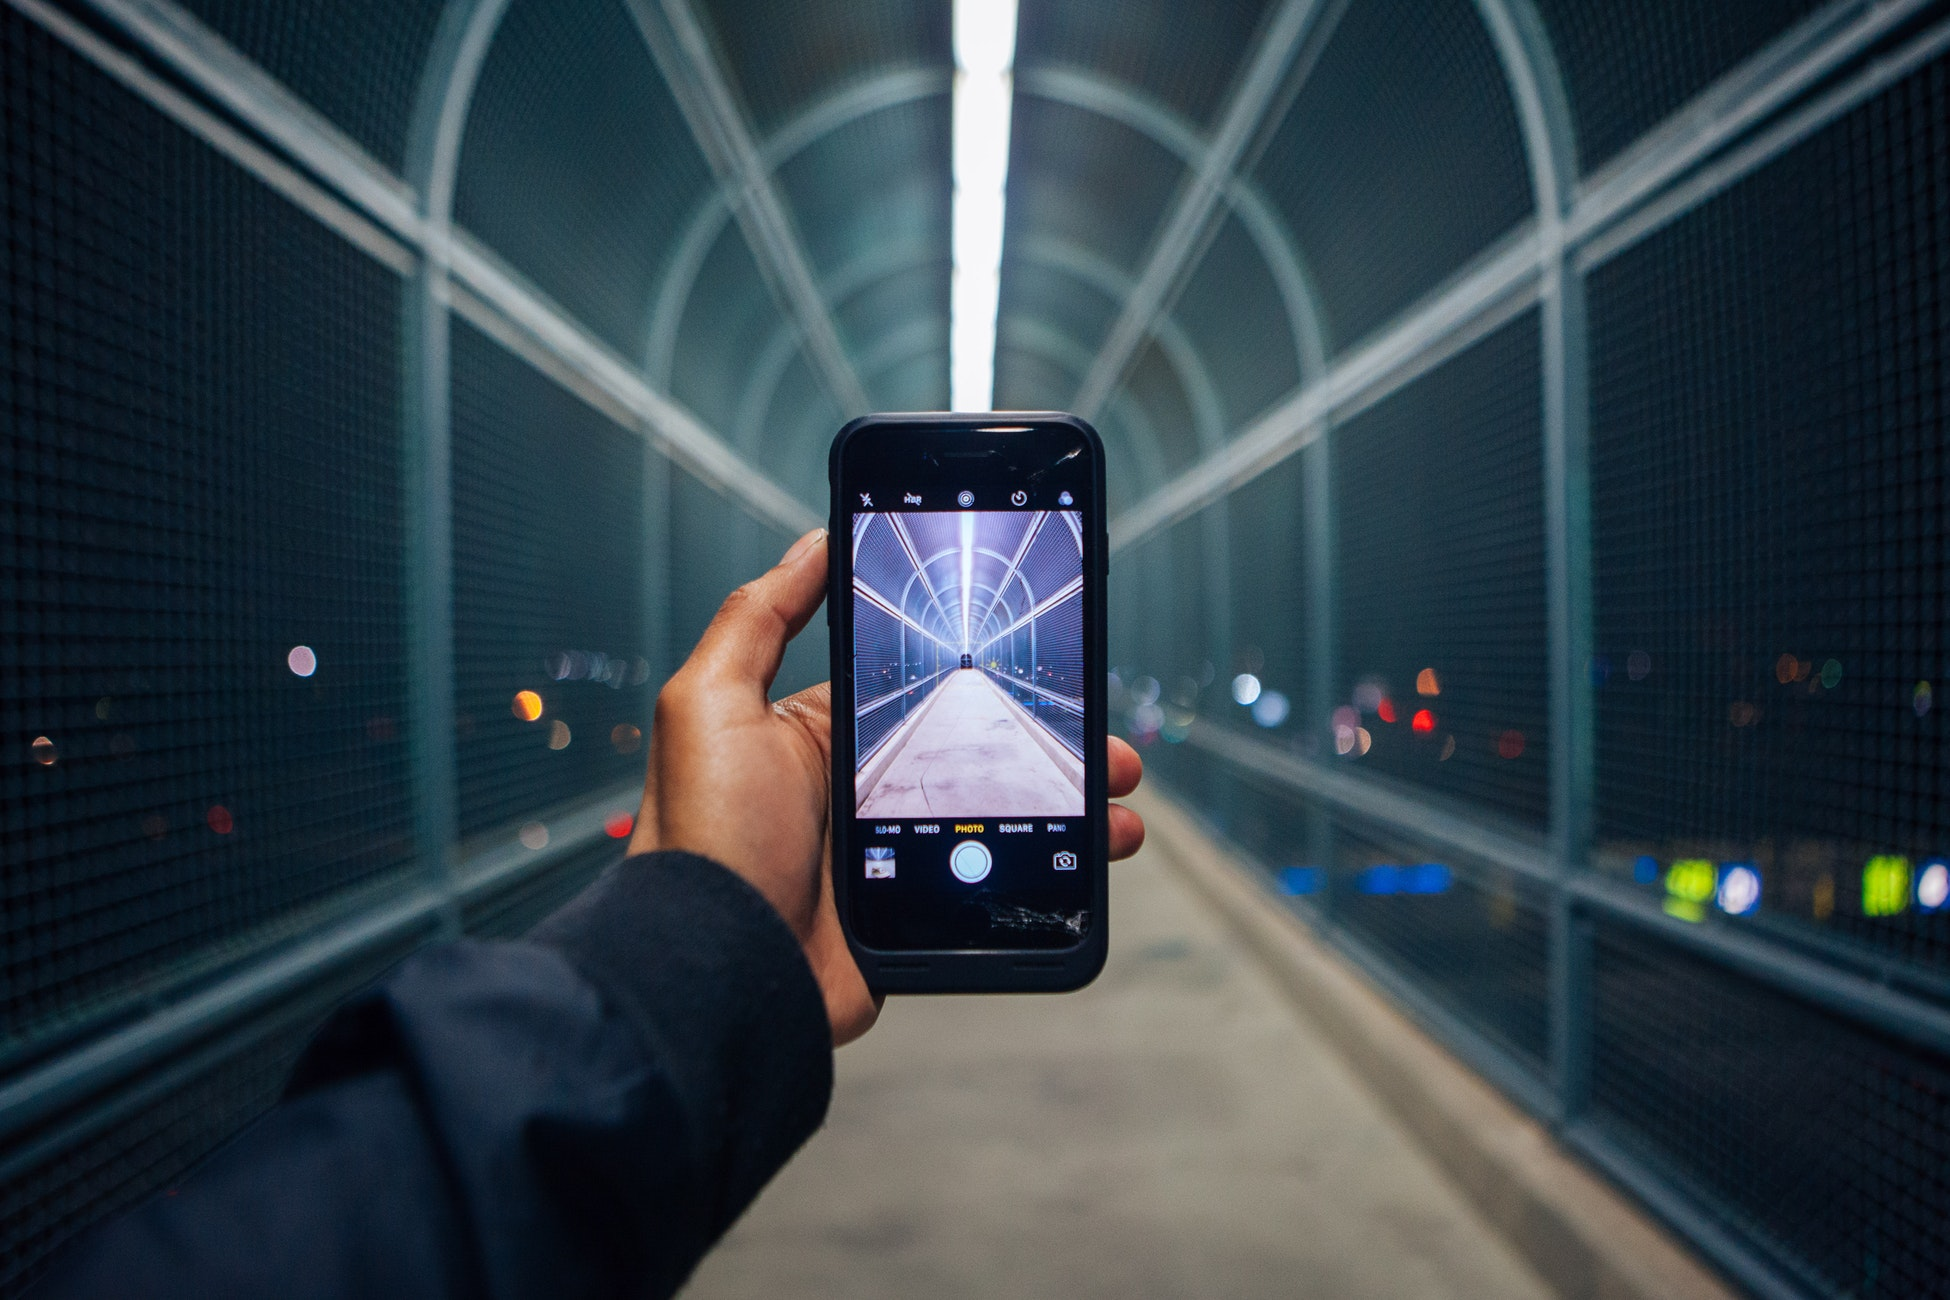 Créer du contenu pour ses réseaux sociaux à l'aide de son smartphone. -